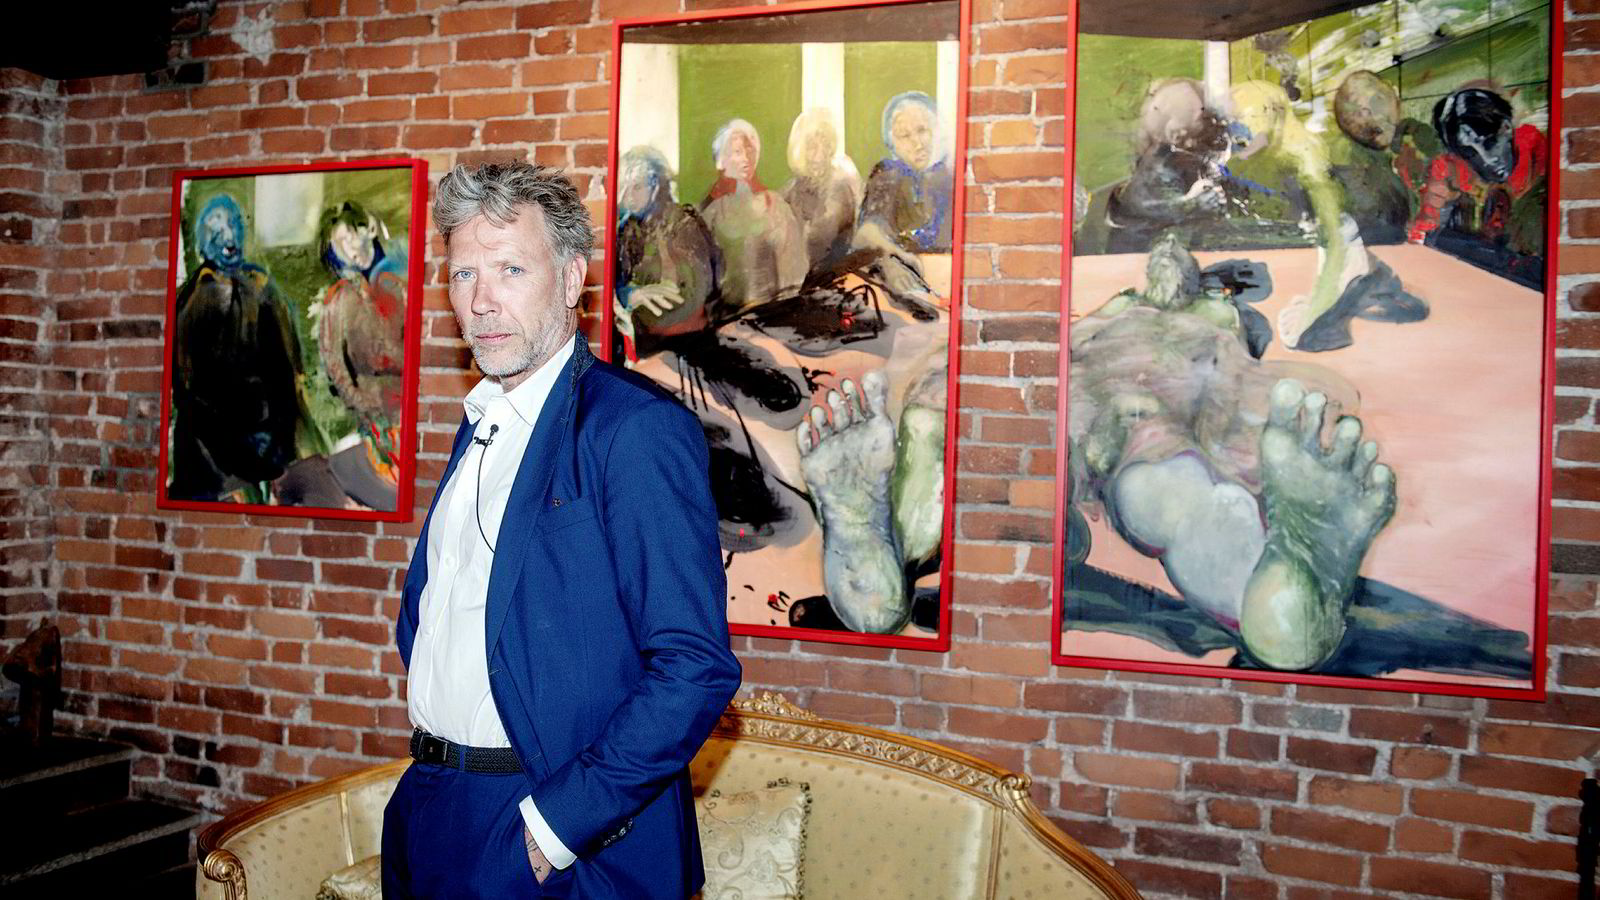 – Jeg begynte med malerier lenge før skuespilleriet, sa Mikael Persbrandt til DN før åpningen av sin egen utstilling på Galleri Nygaten i Bergen i slutten av mai.